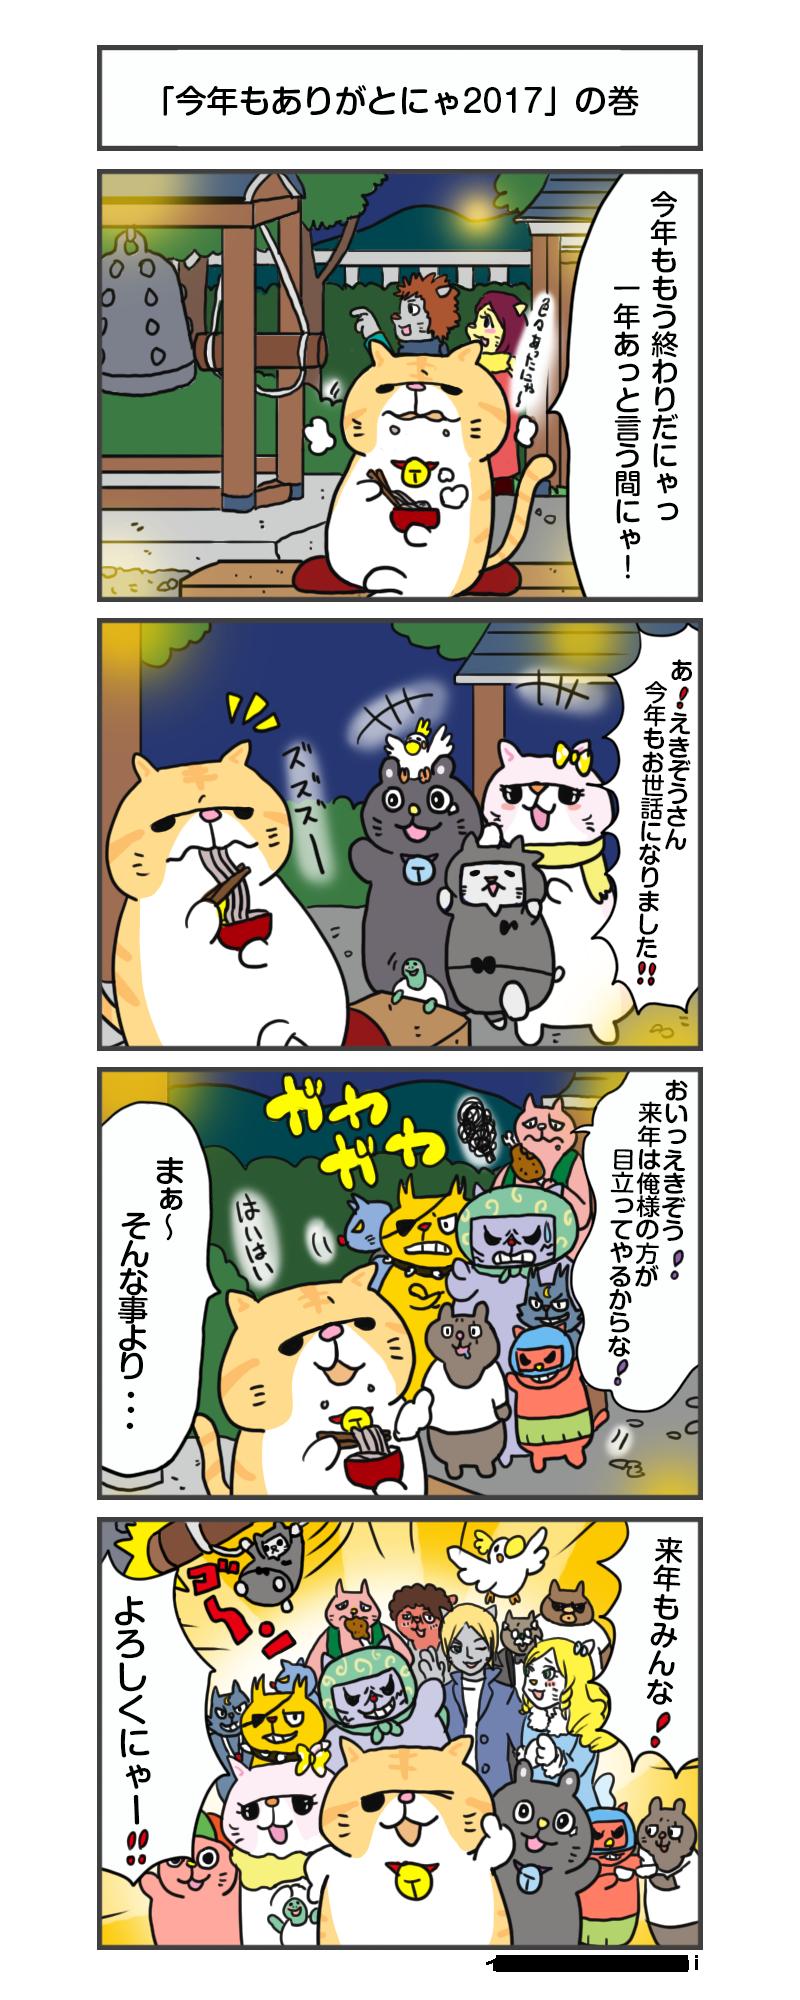 えきぞうmanga_vol.126 のコピー